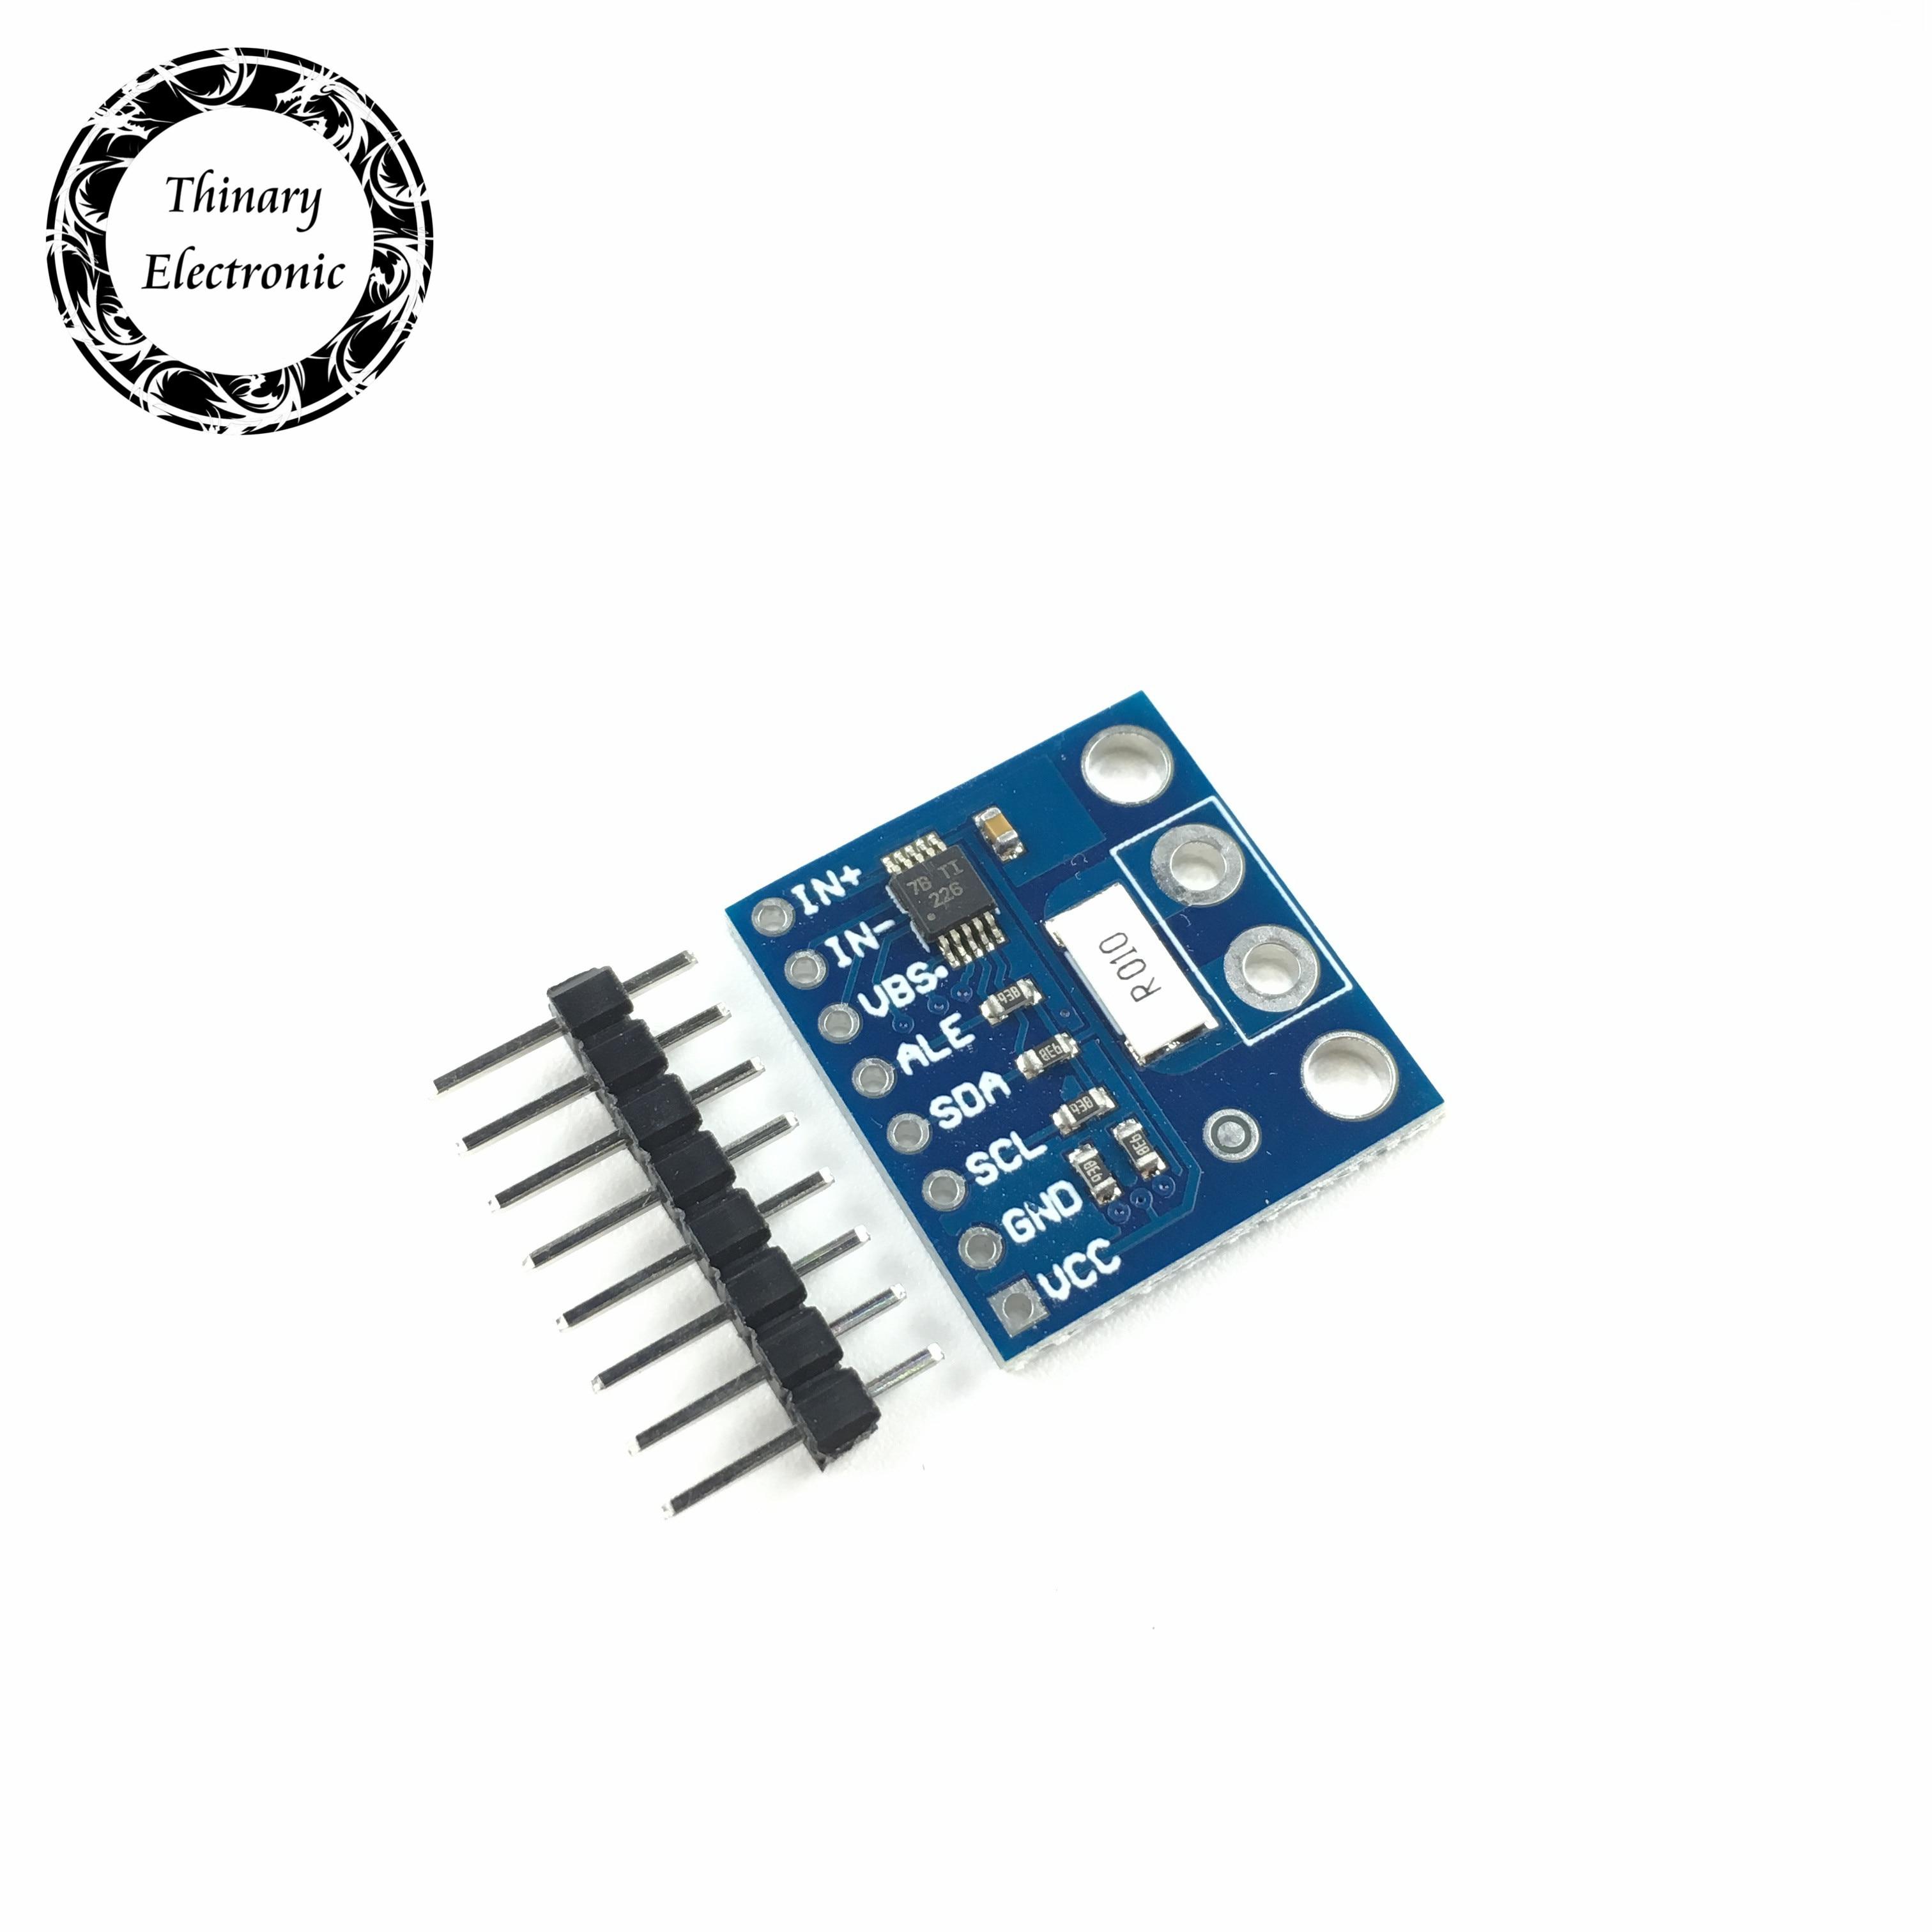 2 uds INA226 interfaz IIC Módulo de sensor de monitoreo de corriente bidireccional/potencia